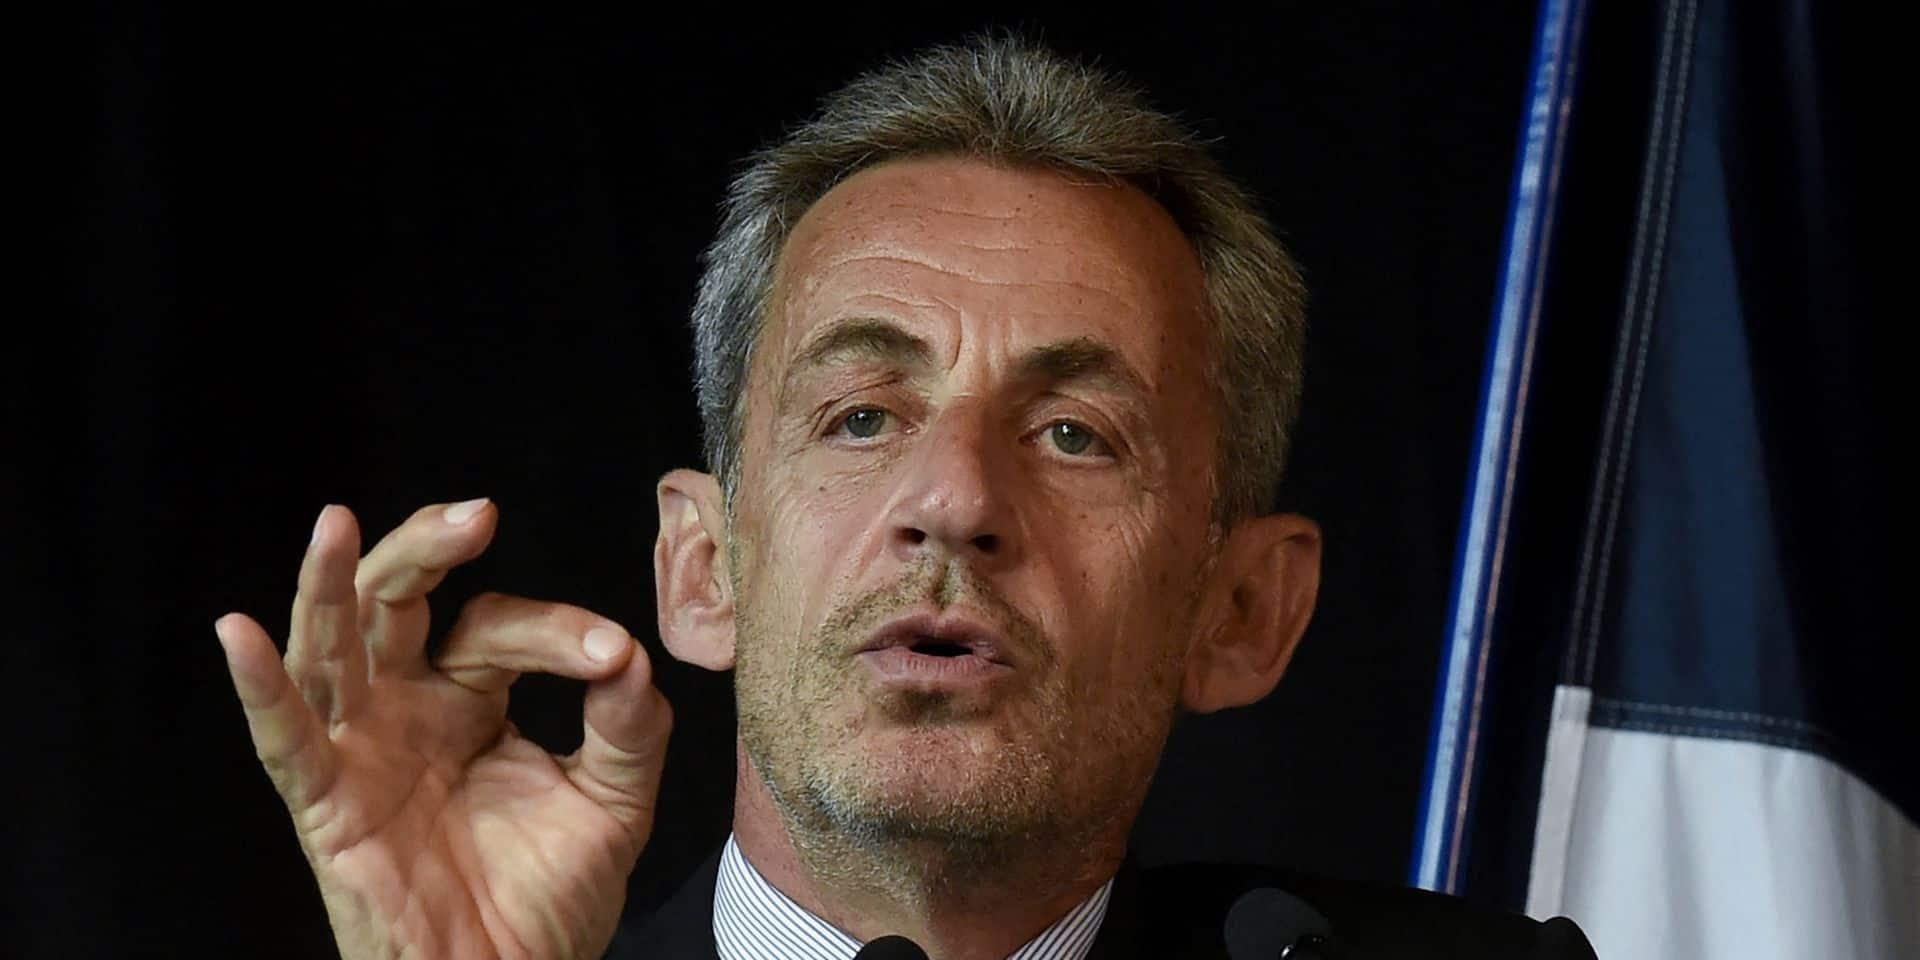 """Nicolas Sarkozy à propos de l'immigration en France : """"Ce n'est pas un self-service une nation!"""""""